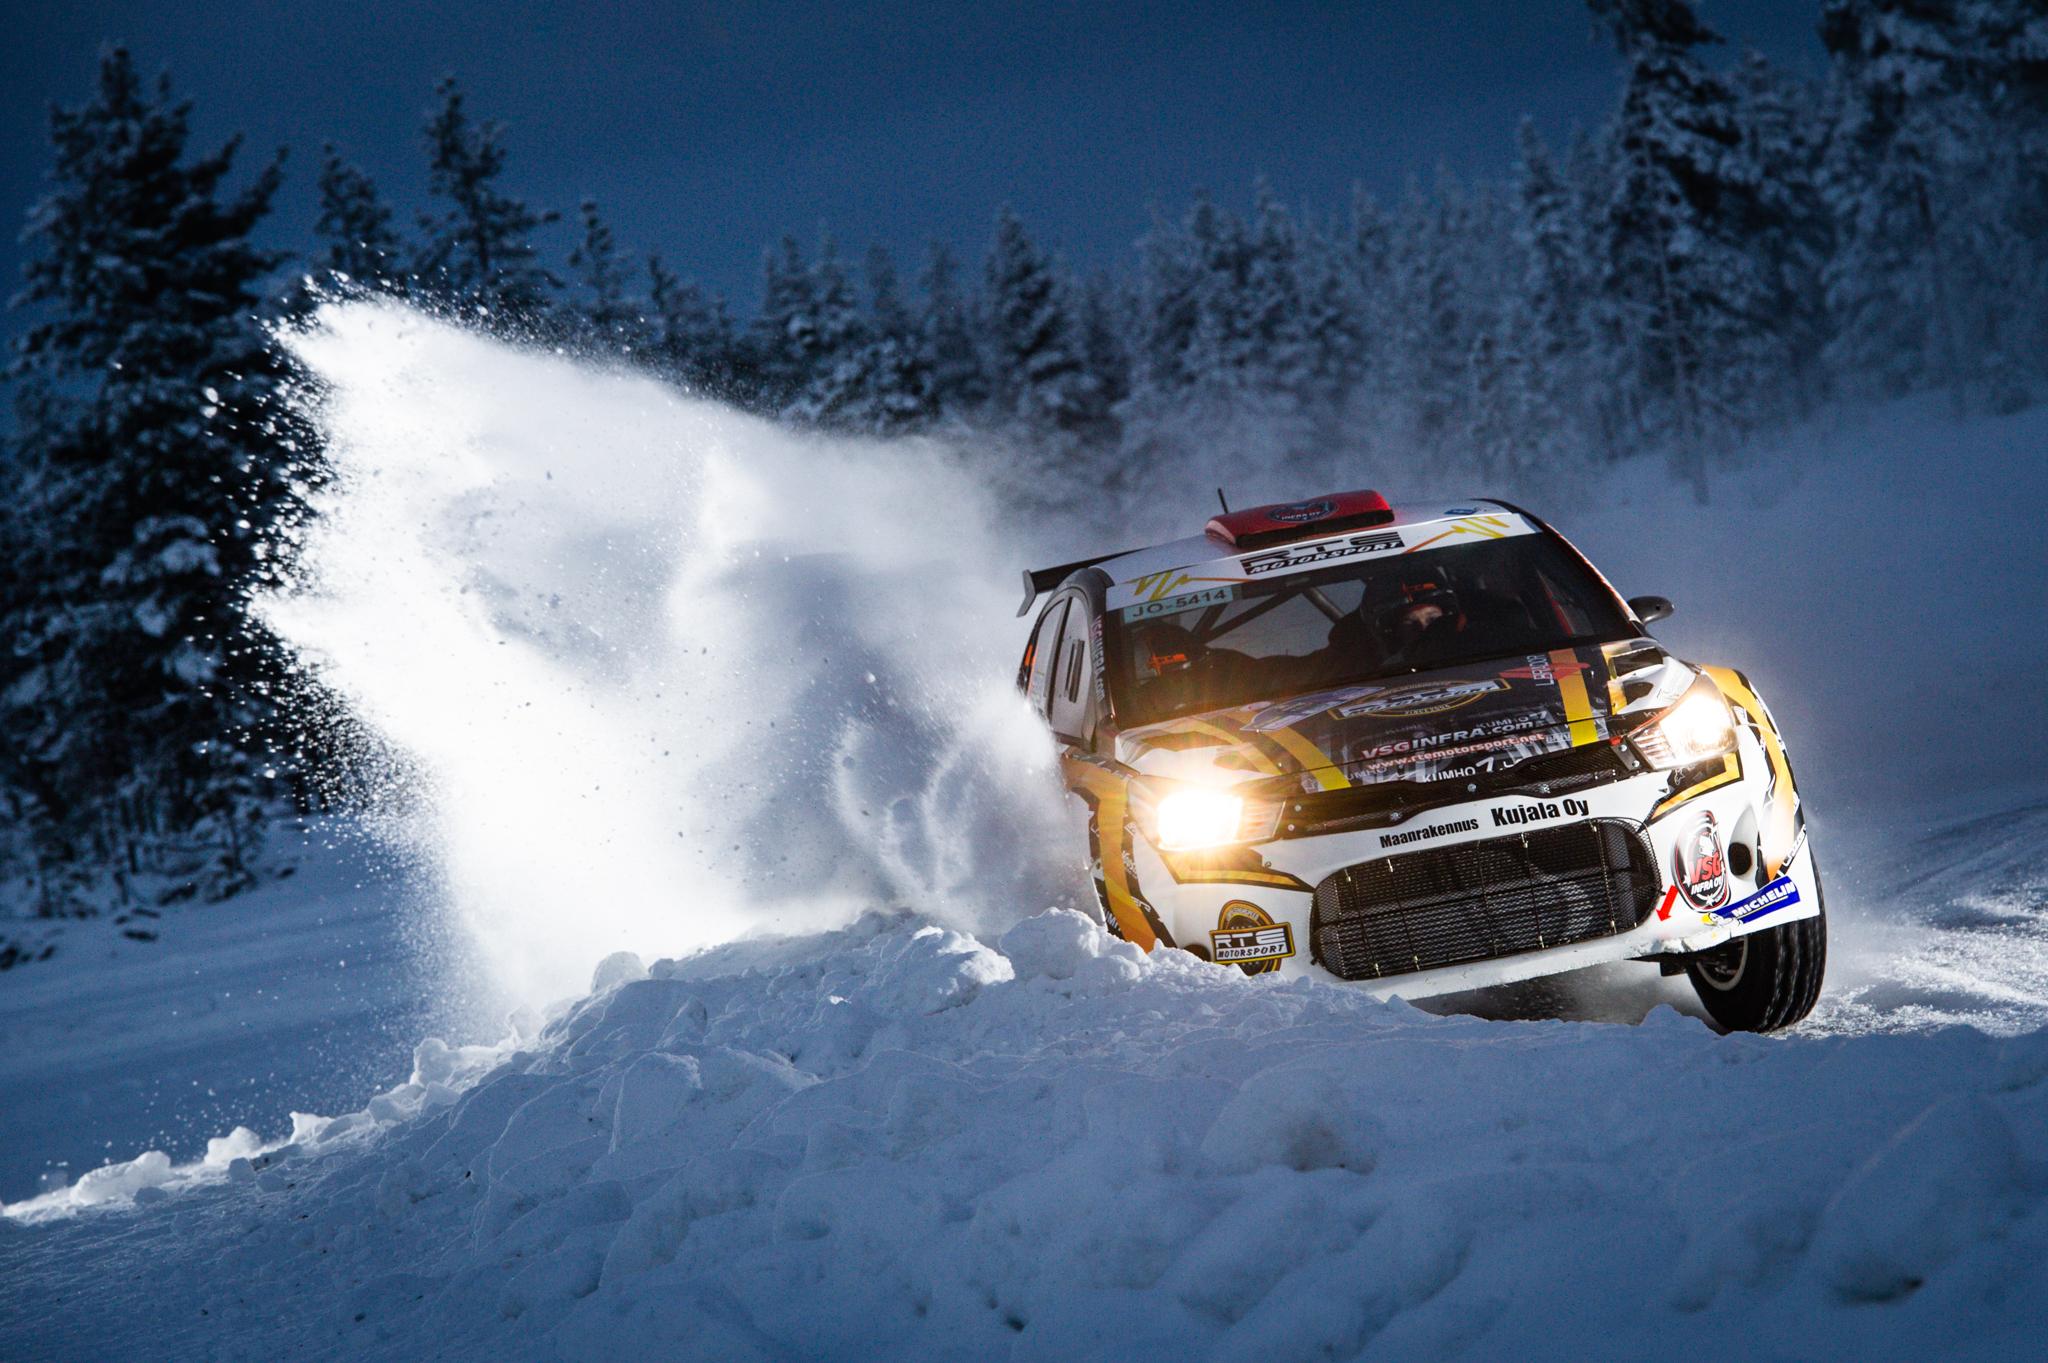 Oskari Heikkinen Taneli_Niinimaki Arctic Lapland Rally Rovaniemi Finland